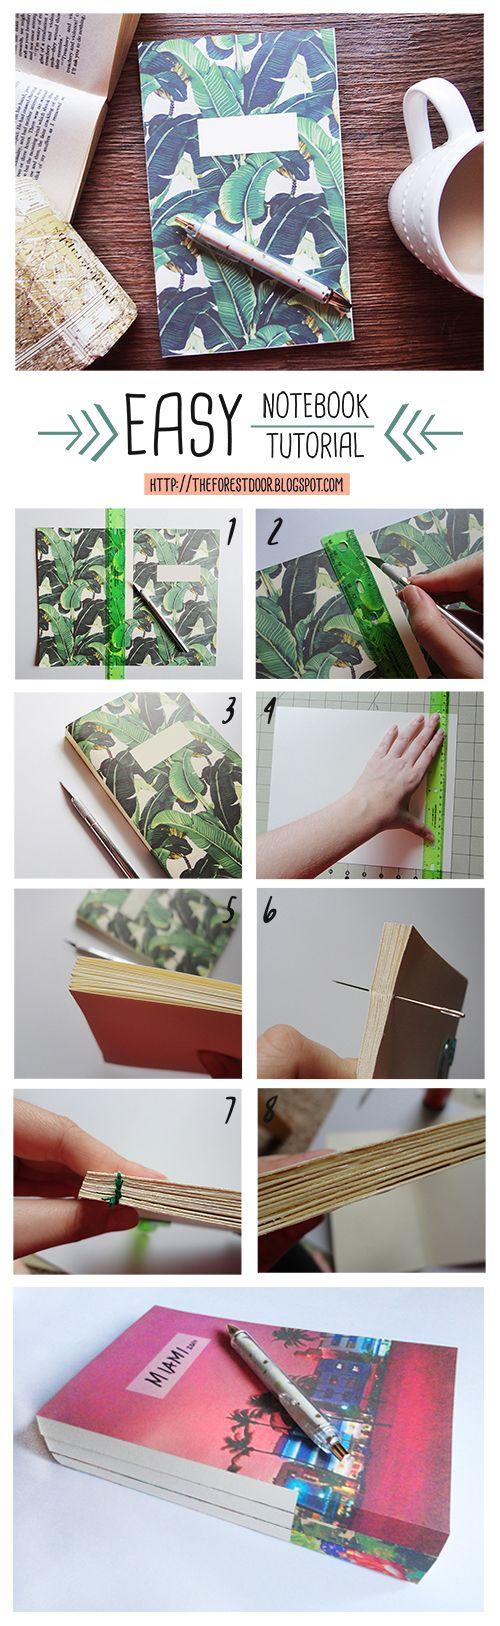 Tutoría fácil para encuadernar cuadernos   -   Easy Notebook DIY Tutorial Book…